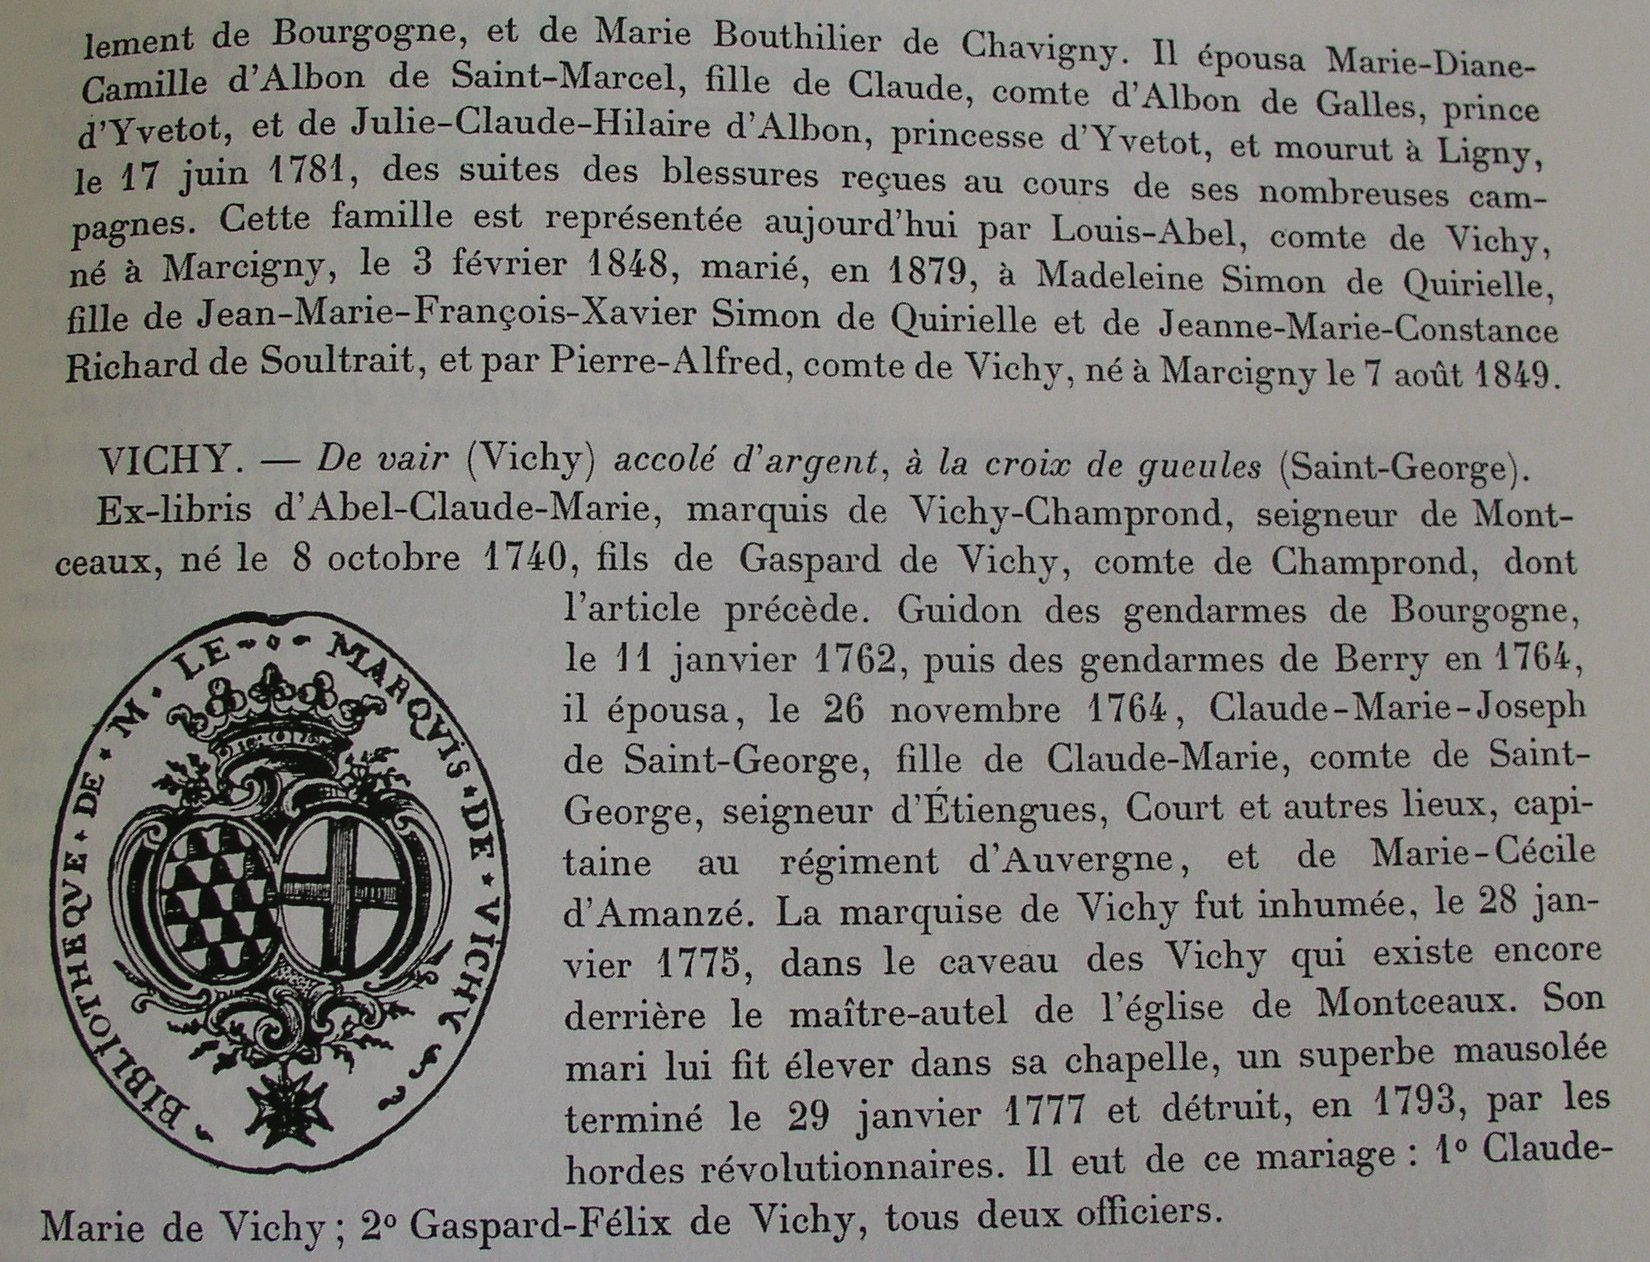 Ex-libris d'Abel de Vichy